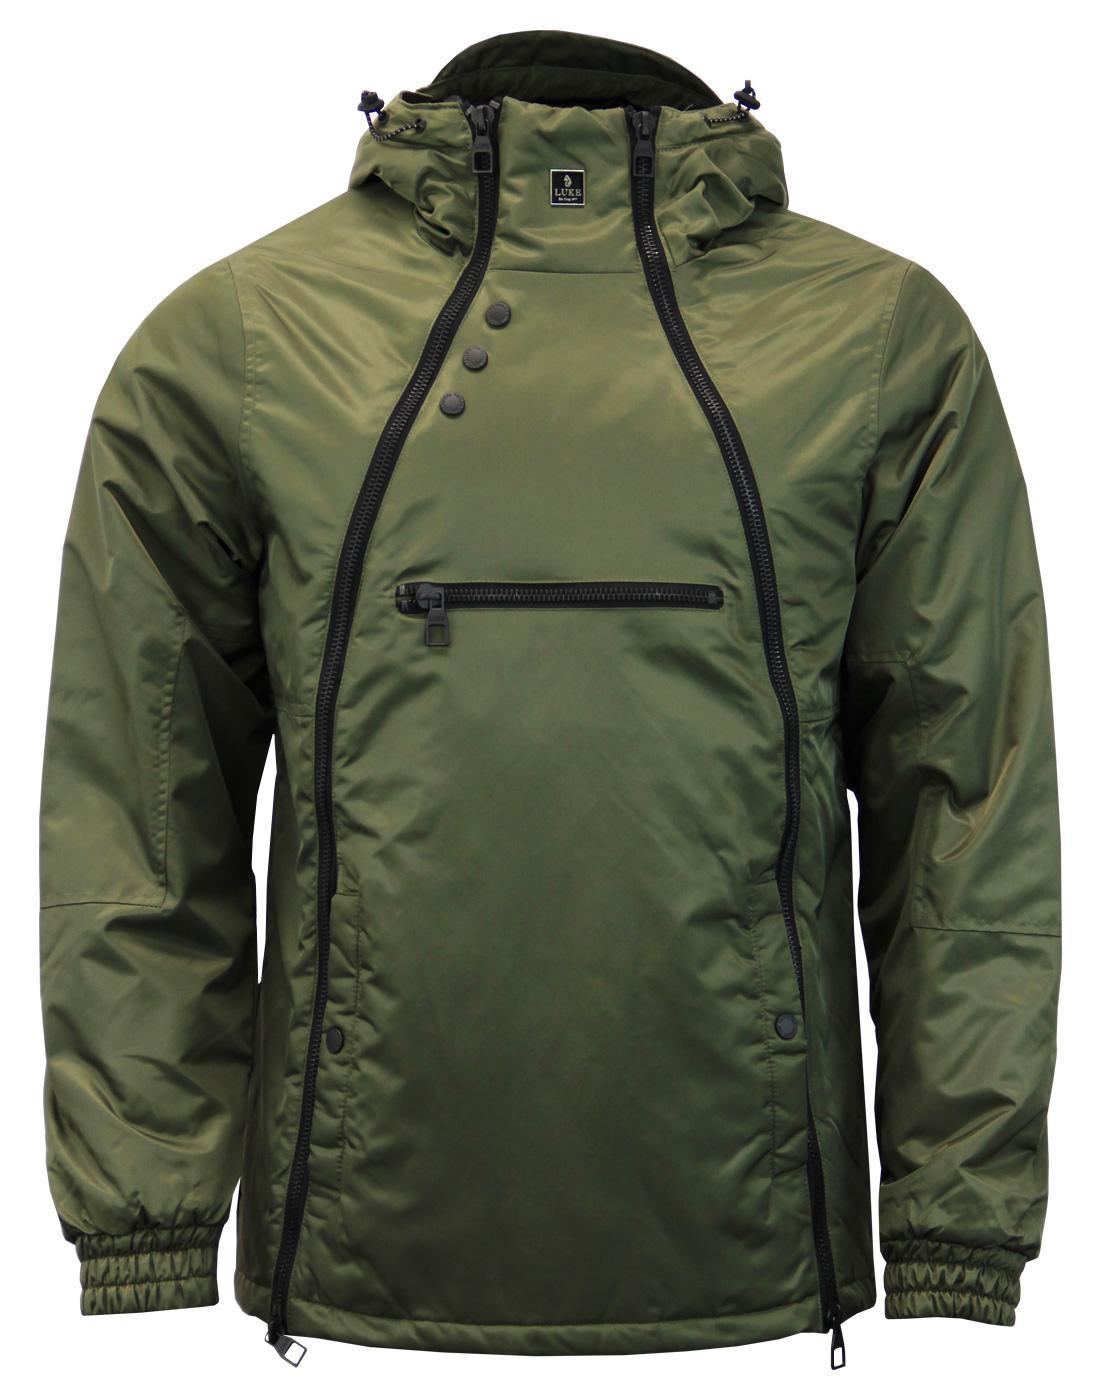 Turvey LUKE 1977 Men's Double Zip Technical Jacket